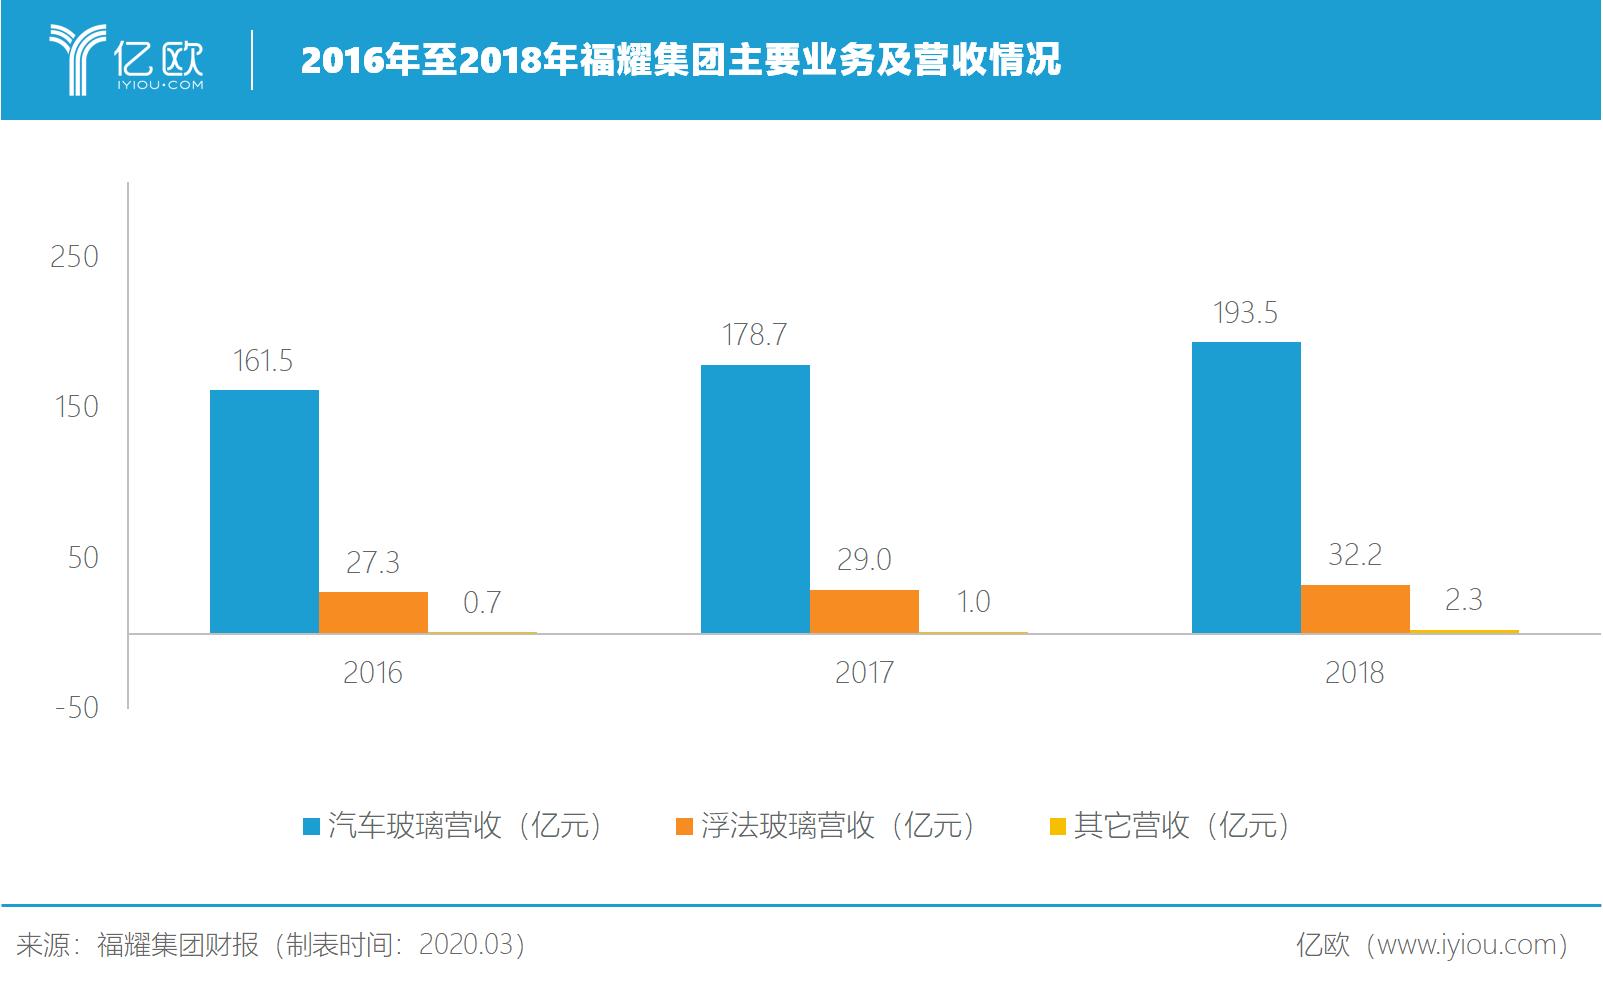 2016至2018年福耀集团主要业务及营收情况